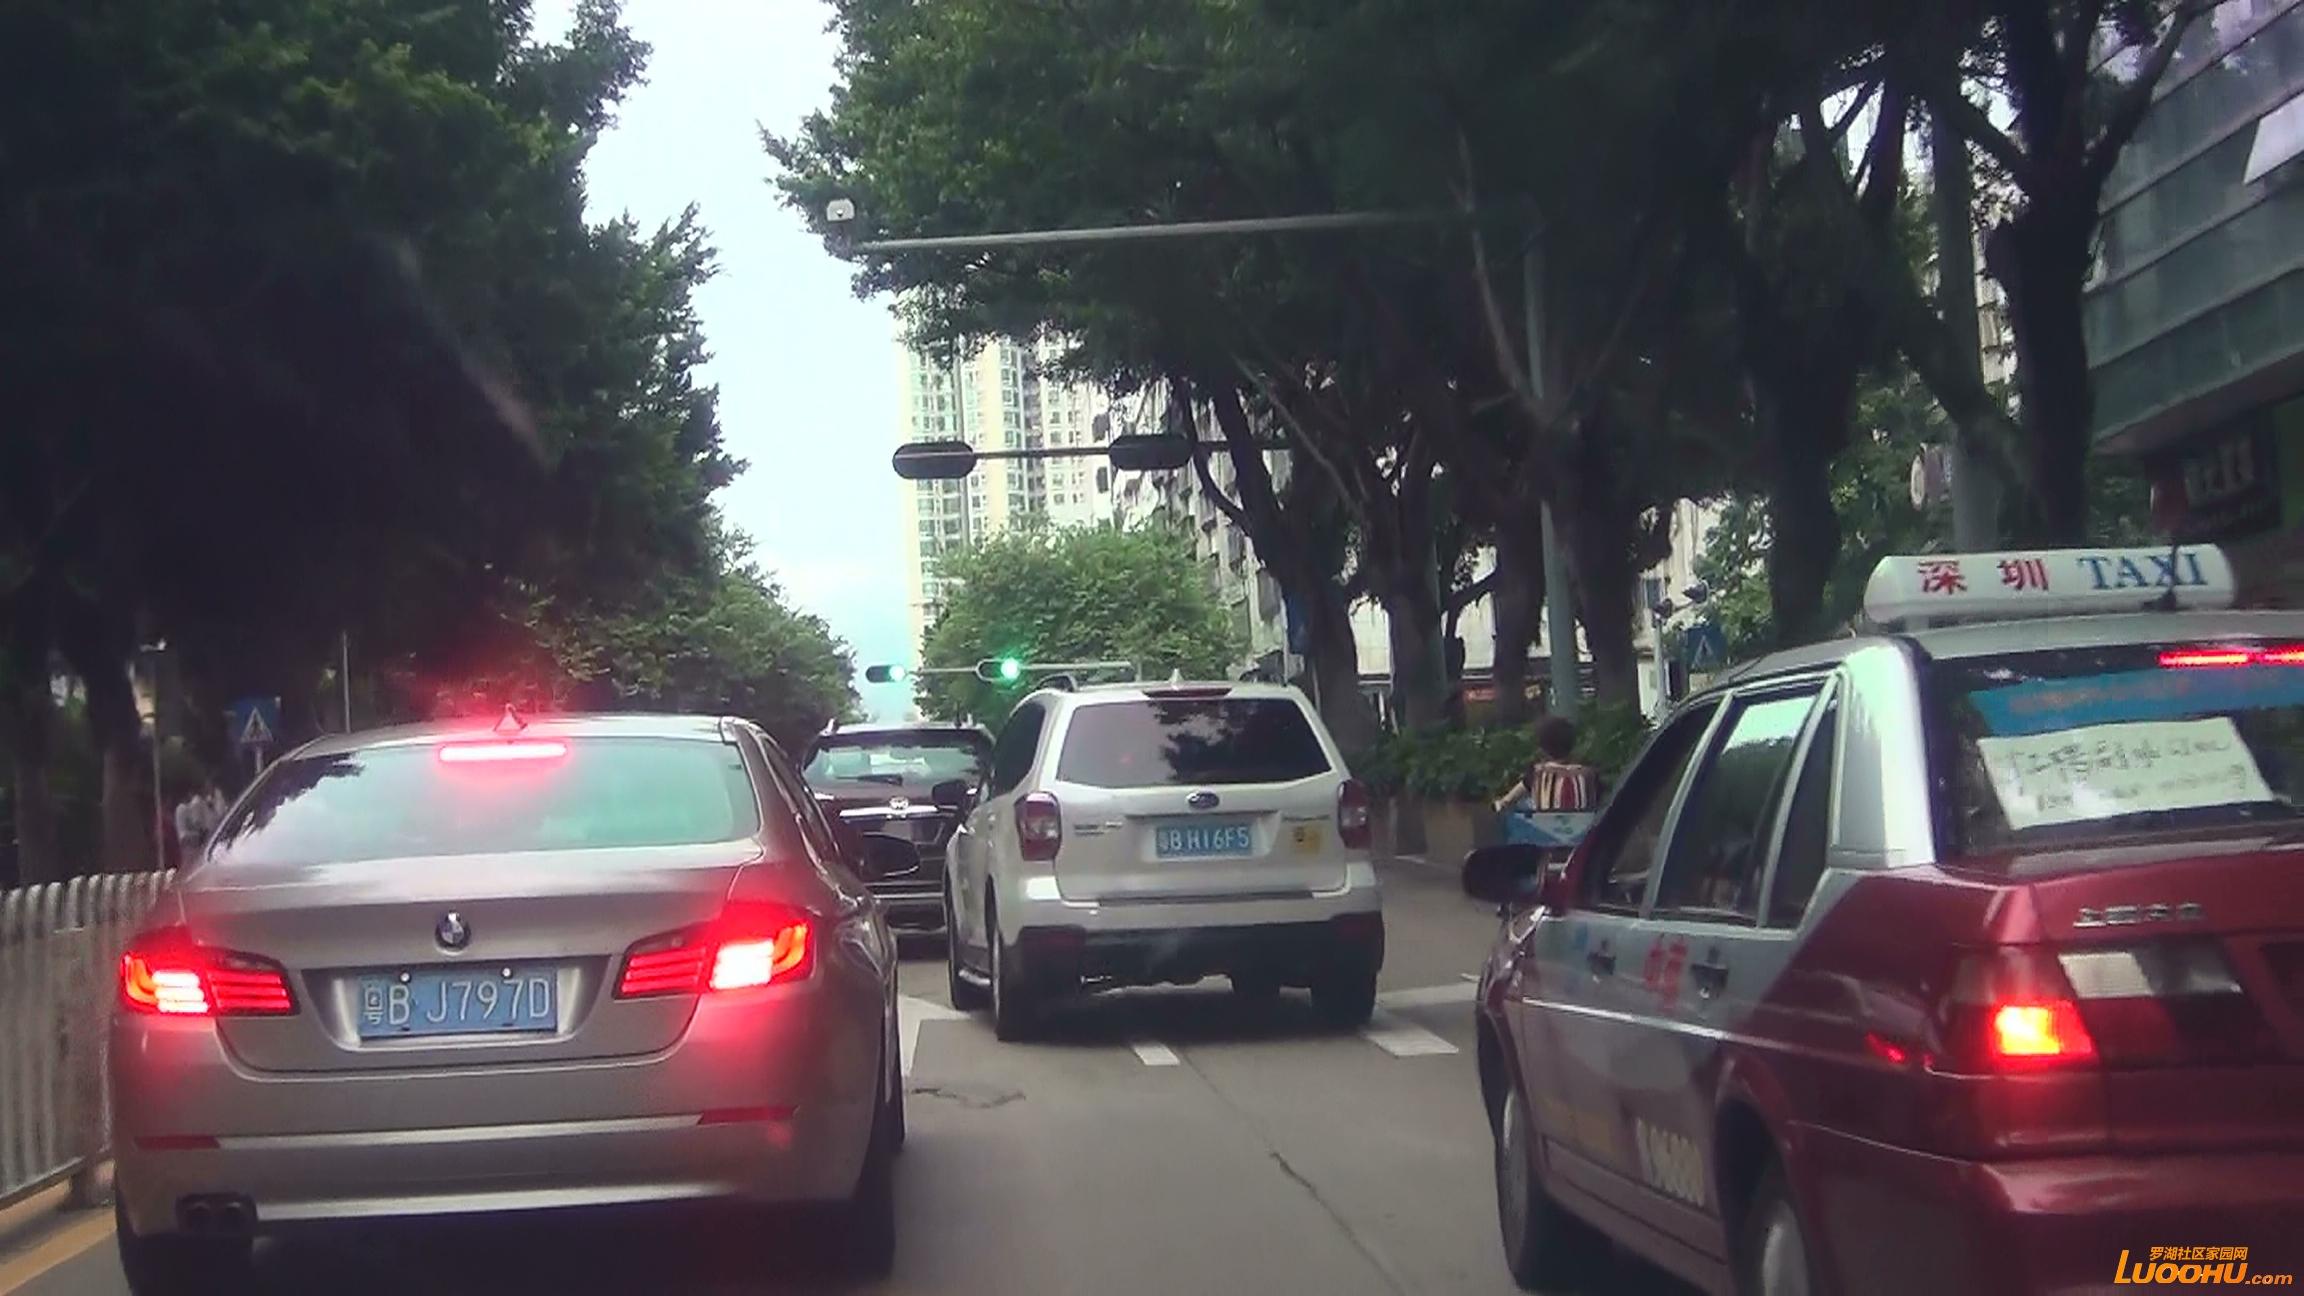 太白路西往东白色轿车从右转车道压线进入直行道后再次压线回到右转车道 (2).jpg.jpg